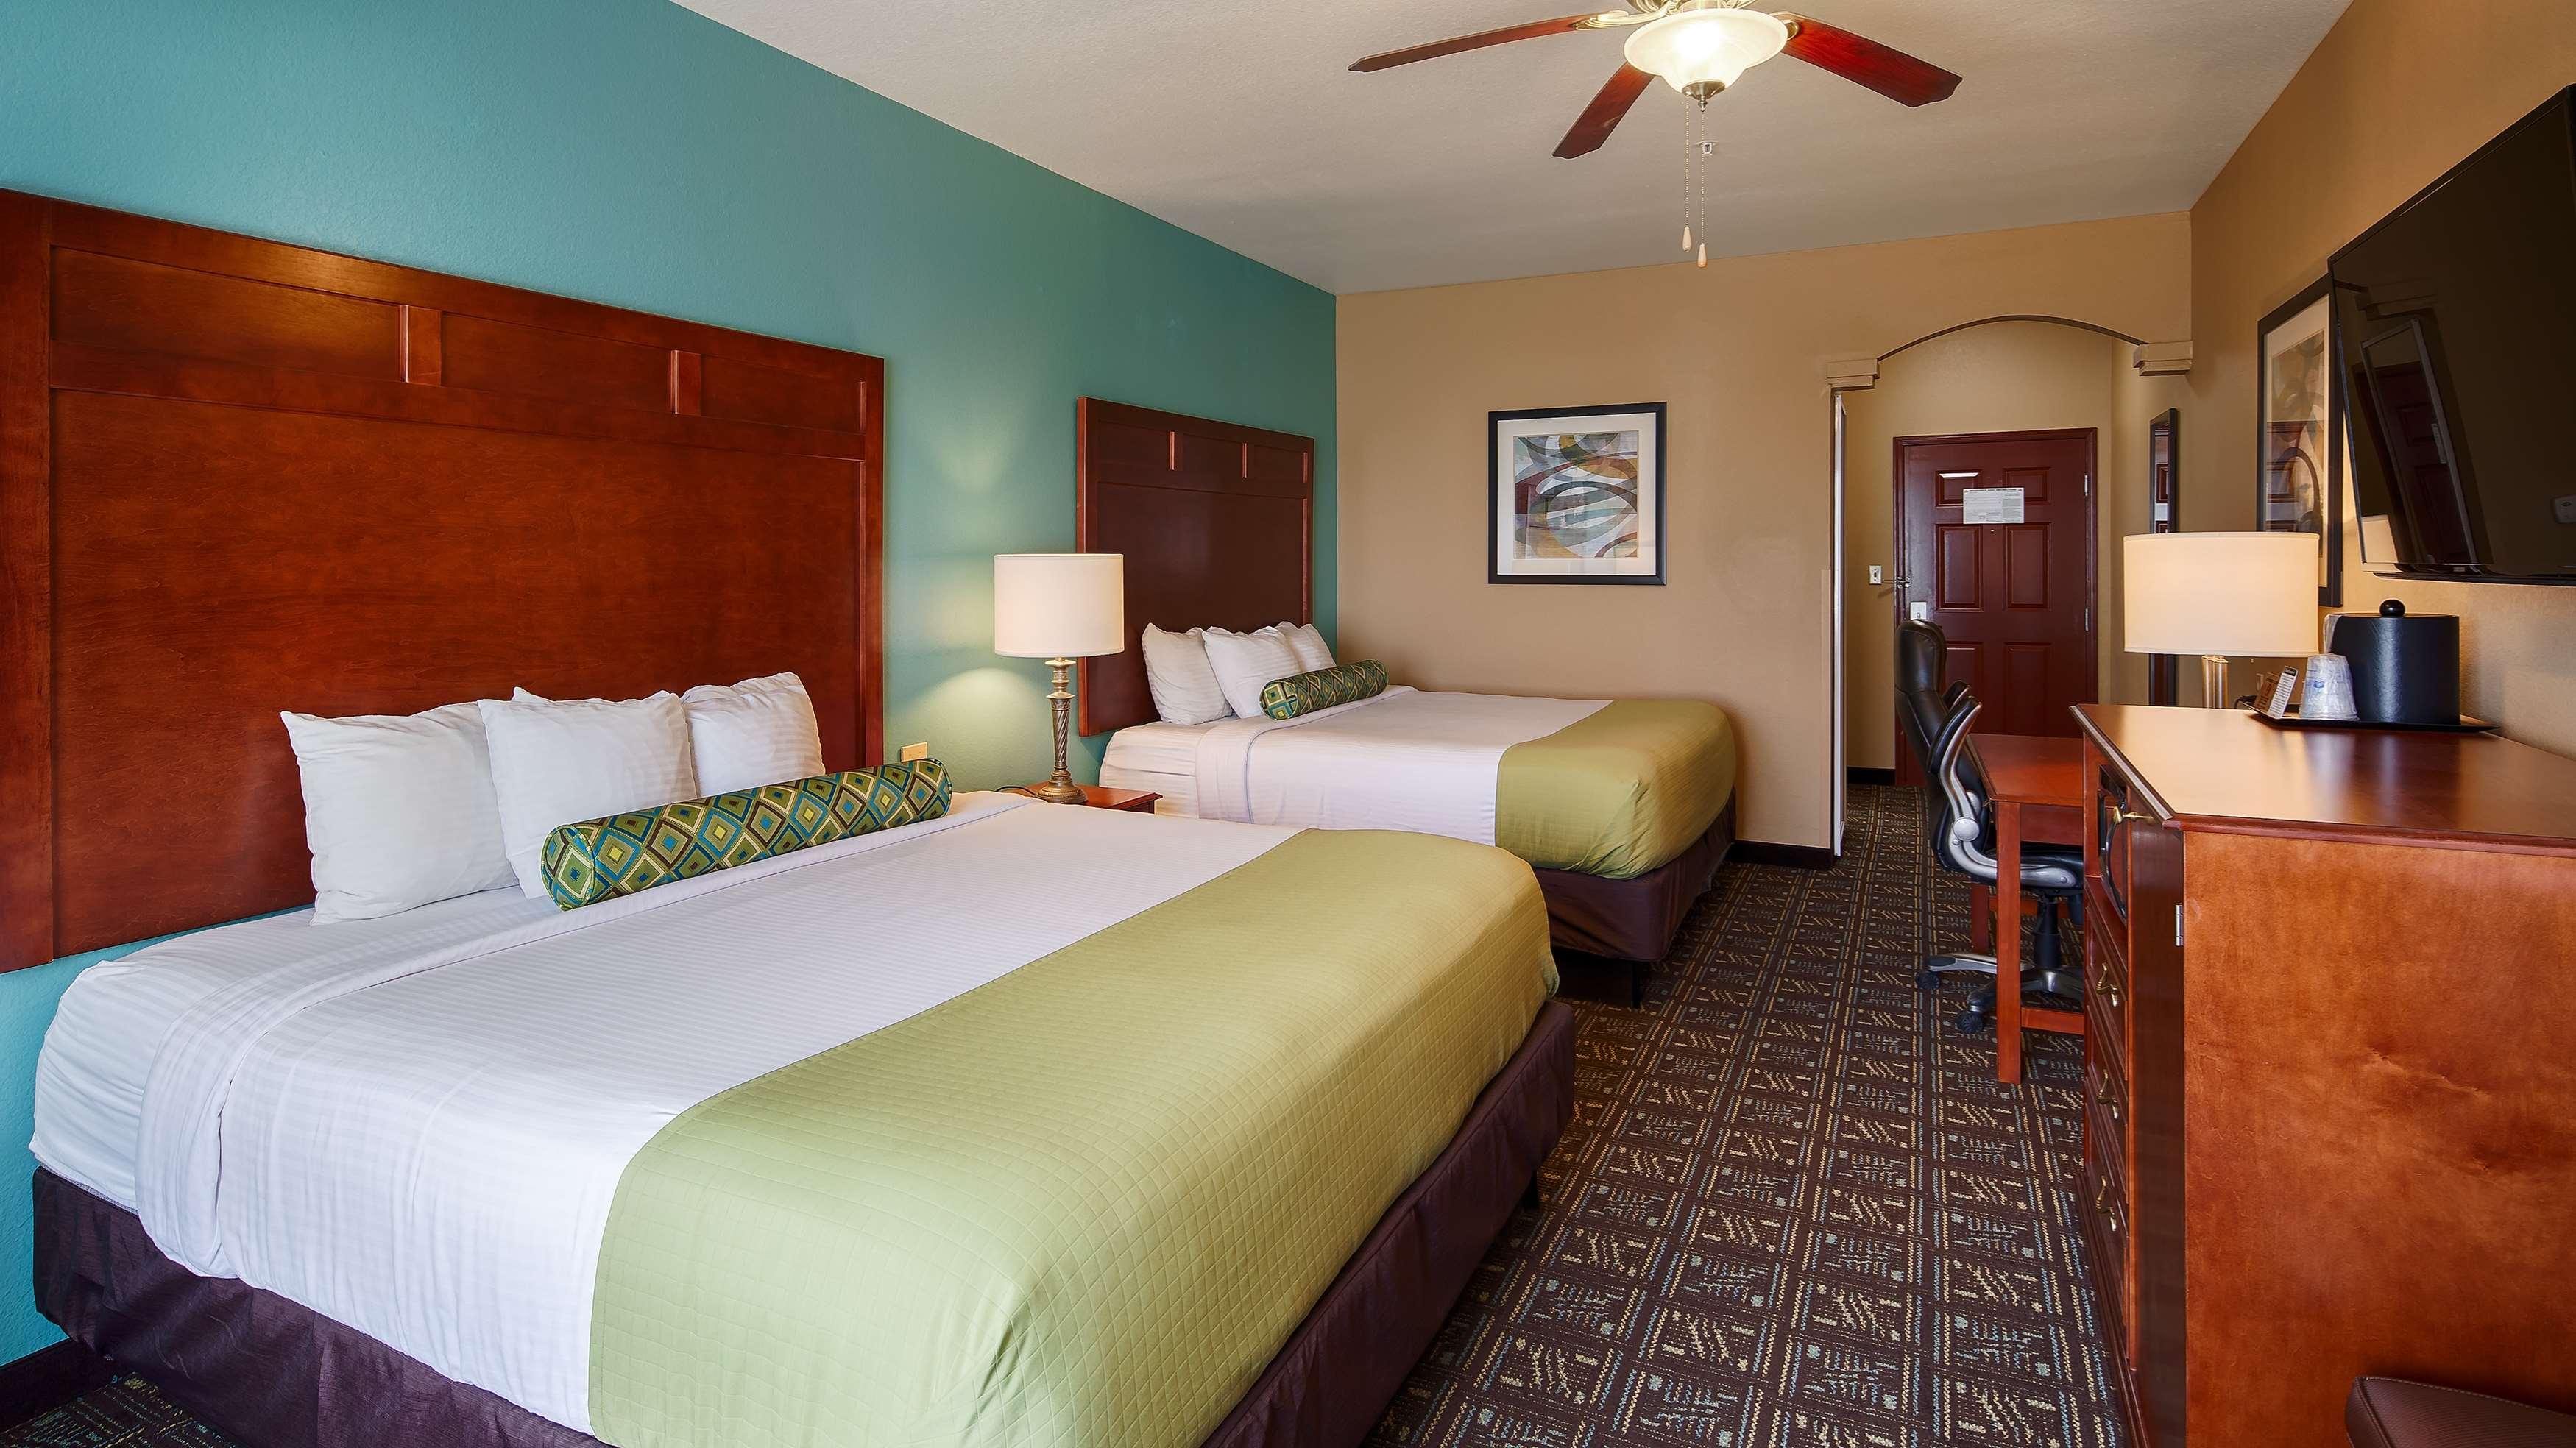 Best Western Plus Monahans Inn & Suites image 4